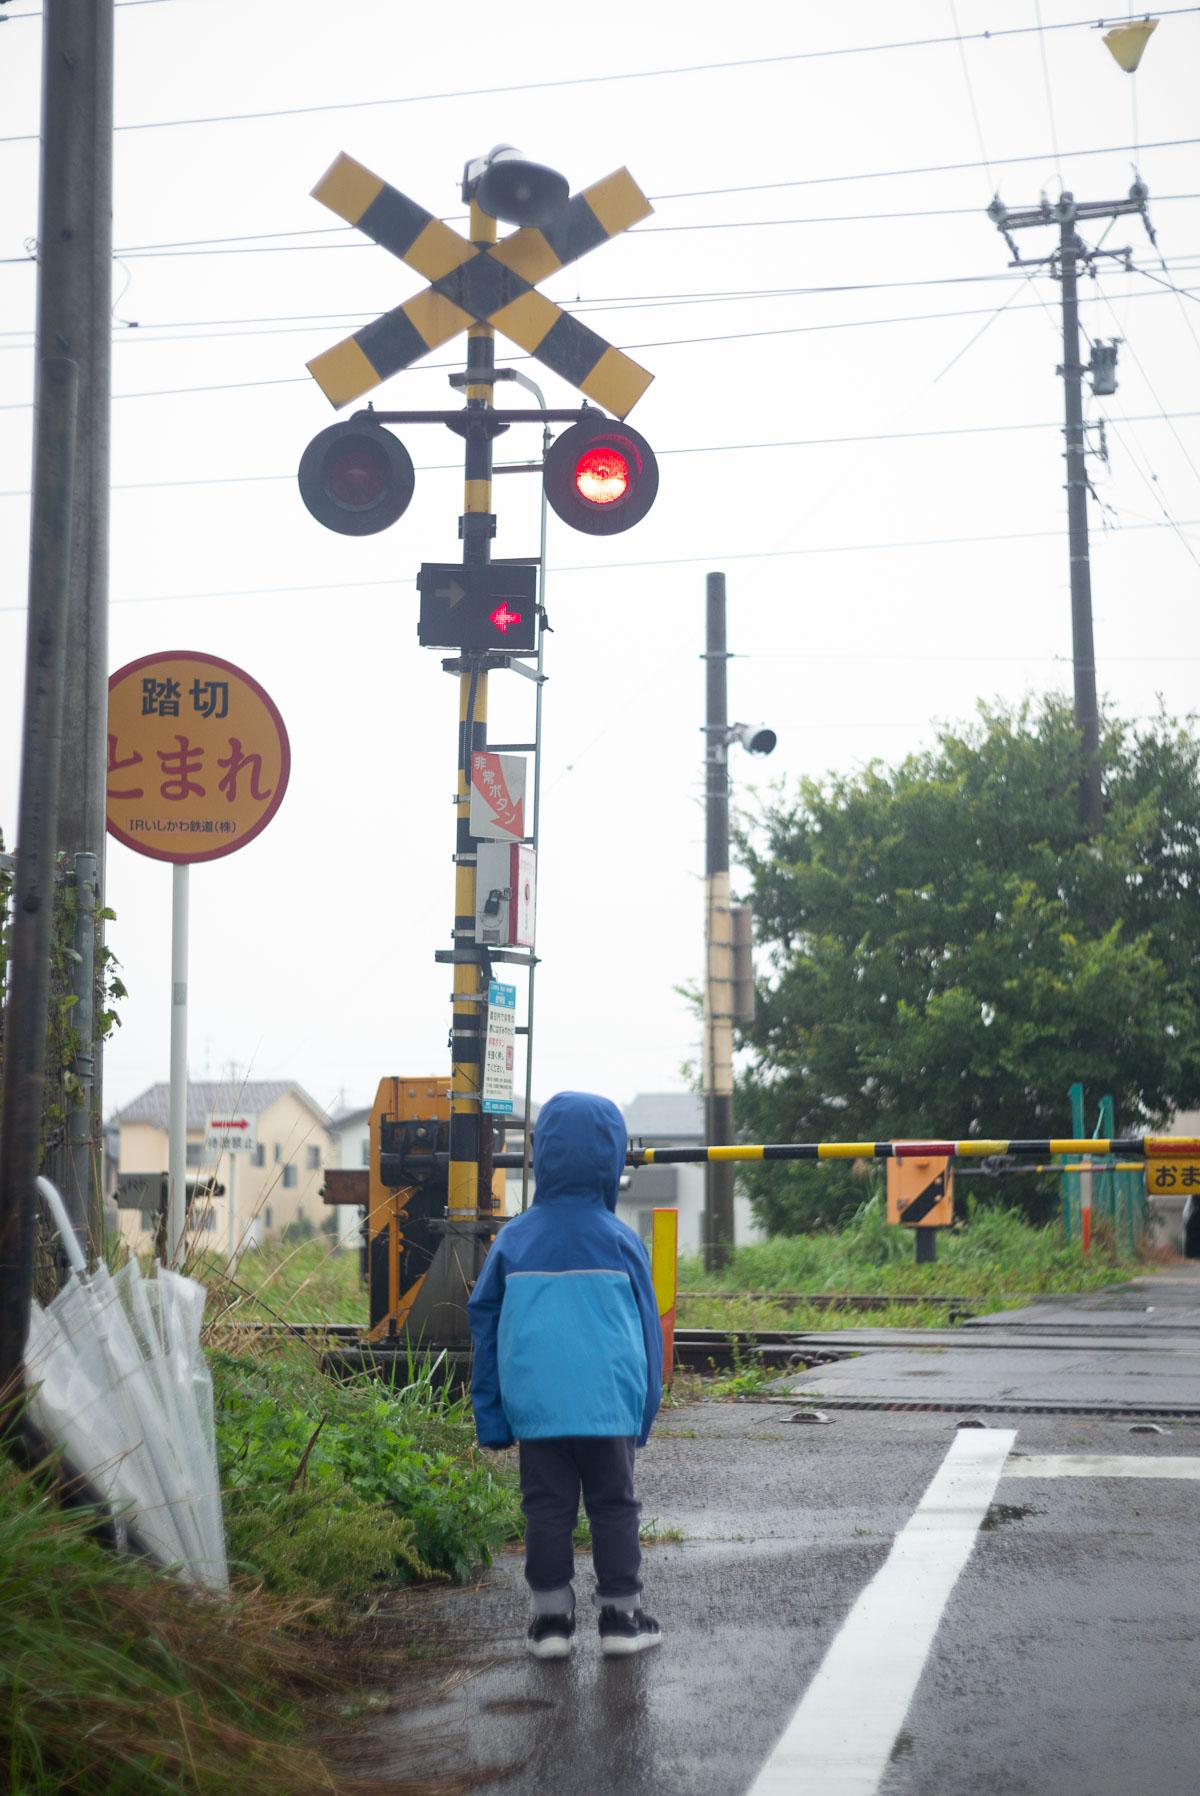 雨の中で金沢のカンカン